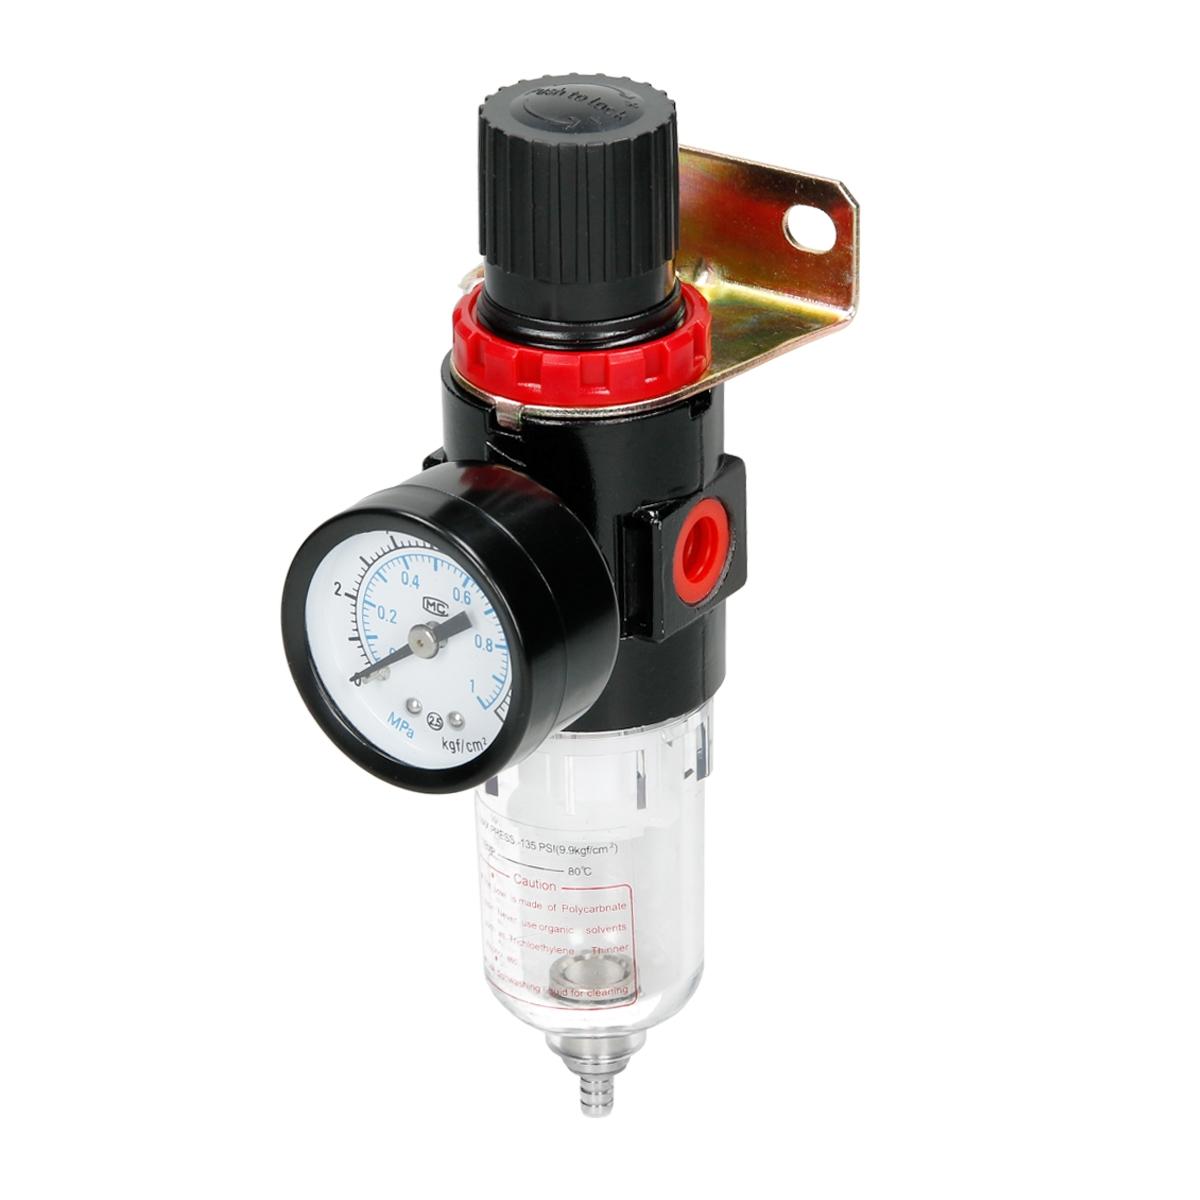 filtre air compresseur s parateur d eau avec manom tre 1 4 255 cc 15 cc 85 mpa ebay. Black Bedroom Furniture Sets. Home Design Ideas